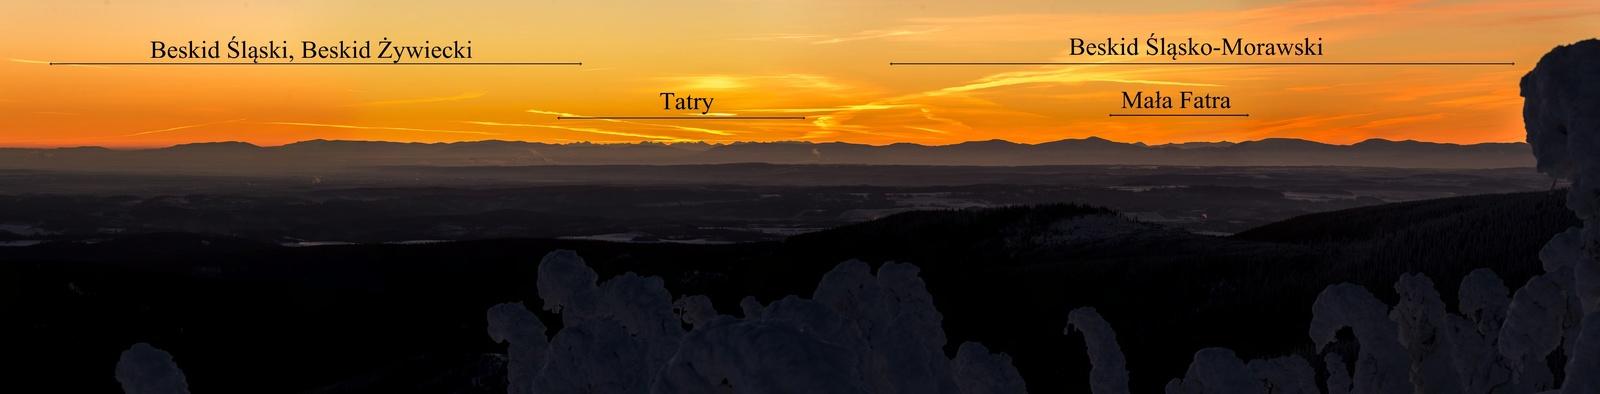 Panorama na wschód z Małego Dziada na 150 mm - 19.01.2019.jpg